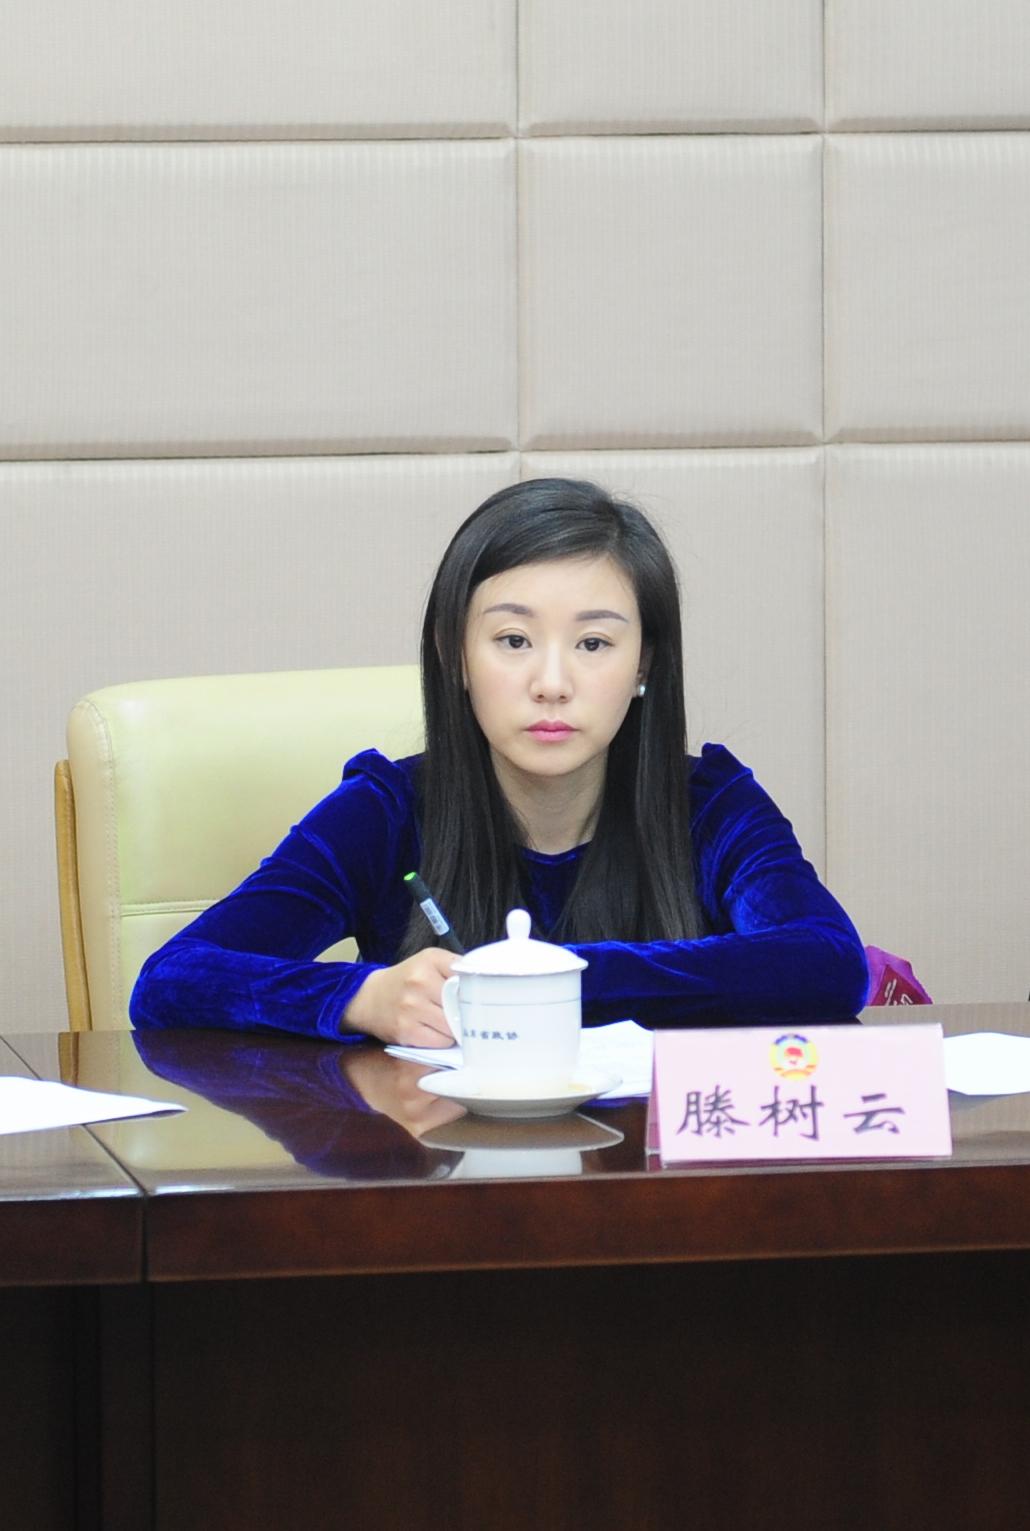 山东广播电视台齐鲁频道主持人滕树云